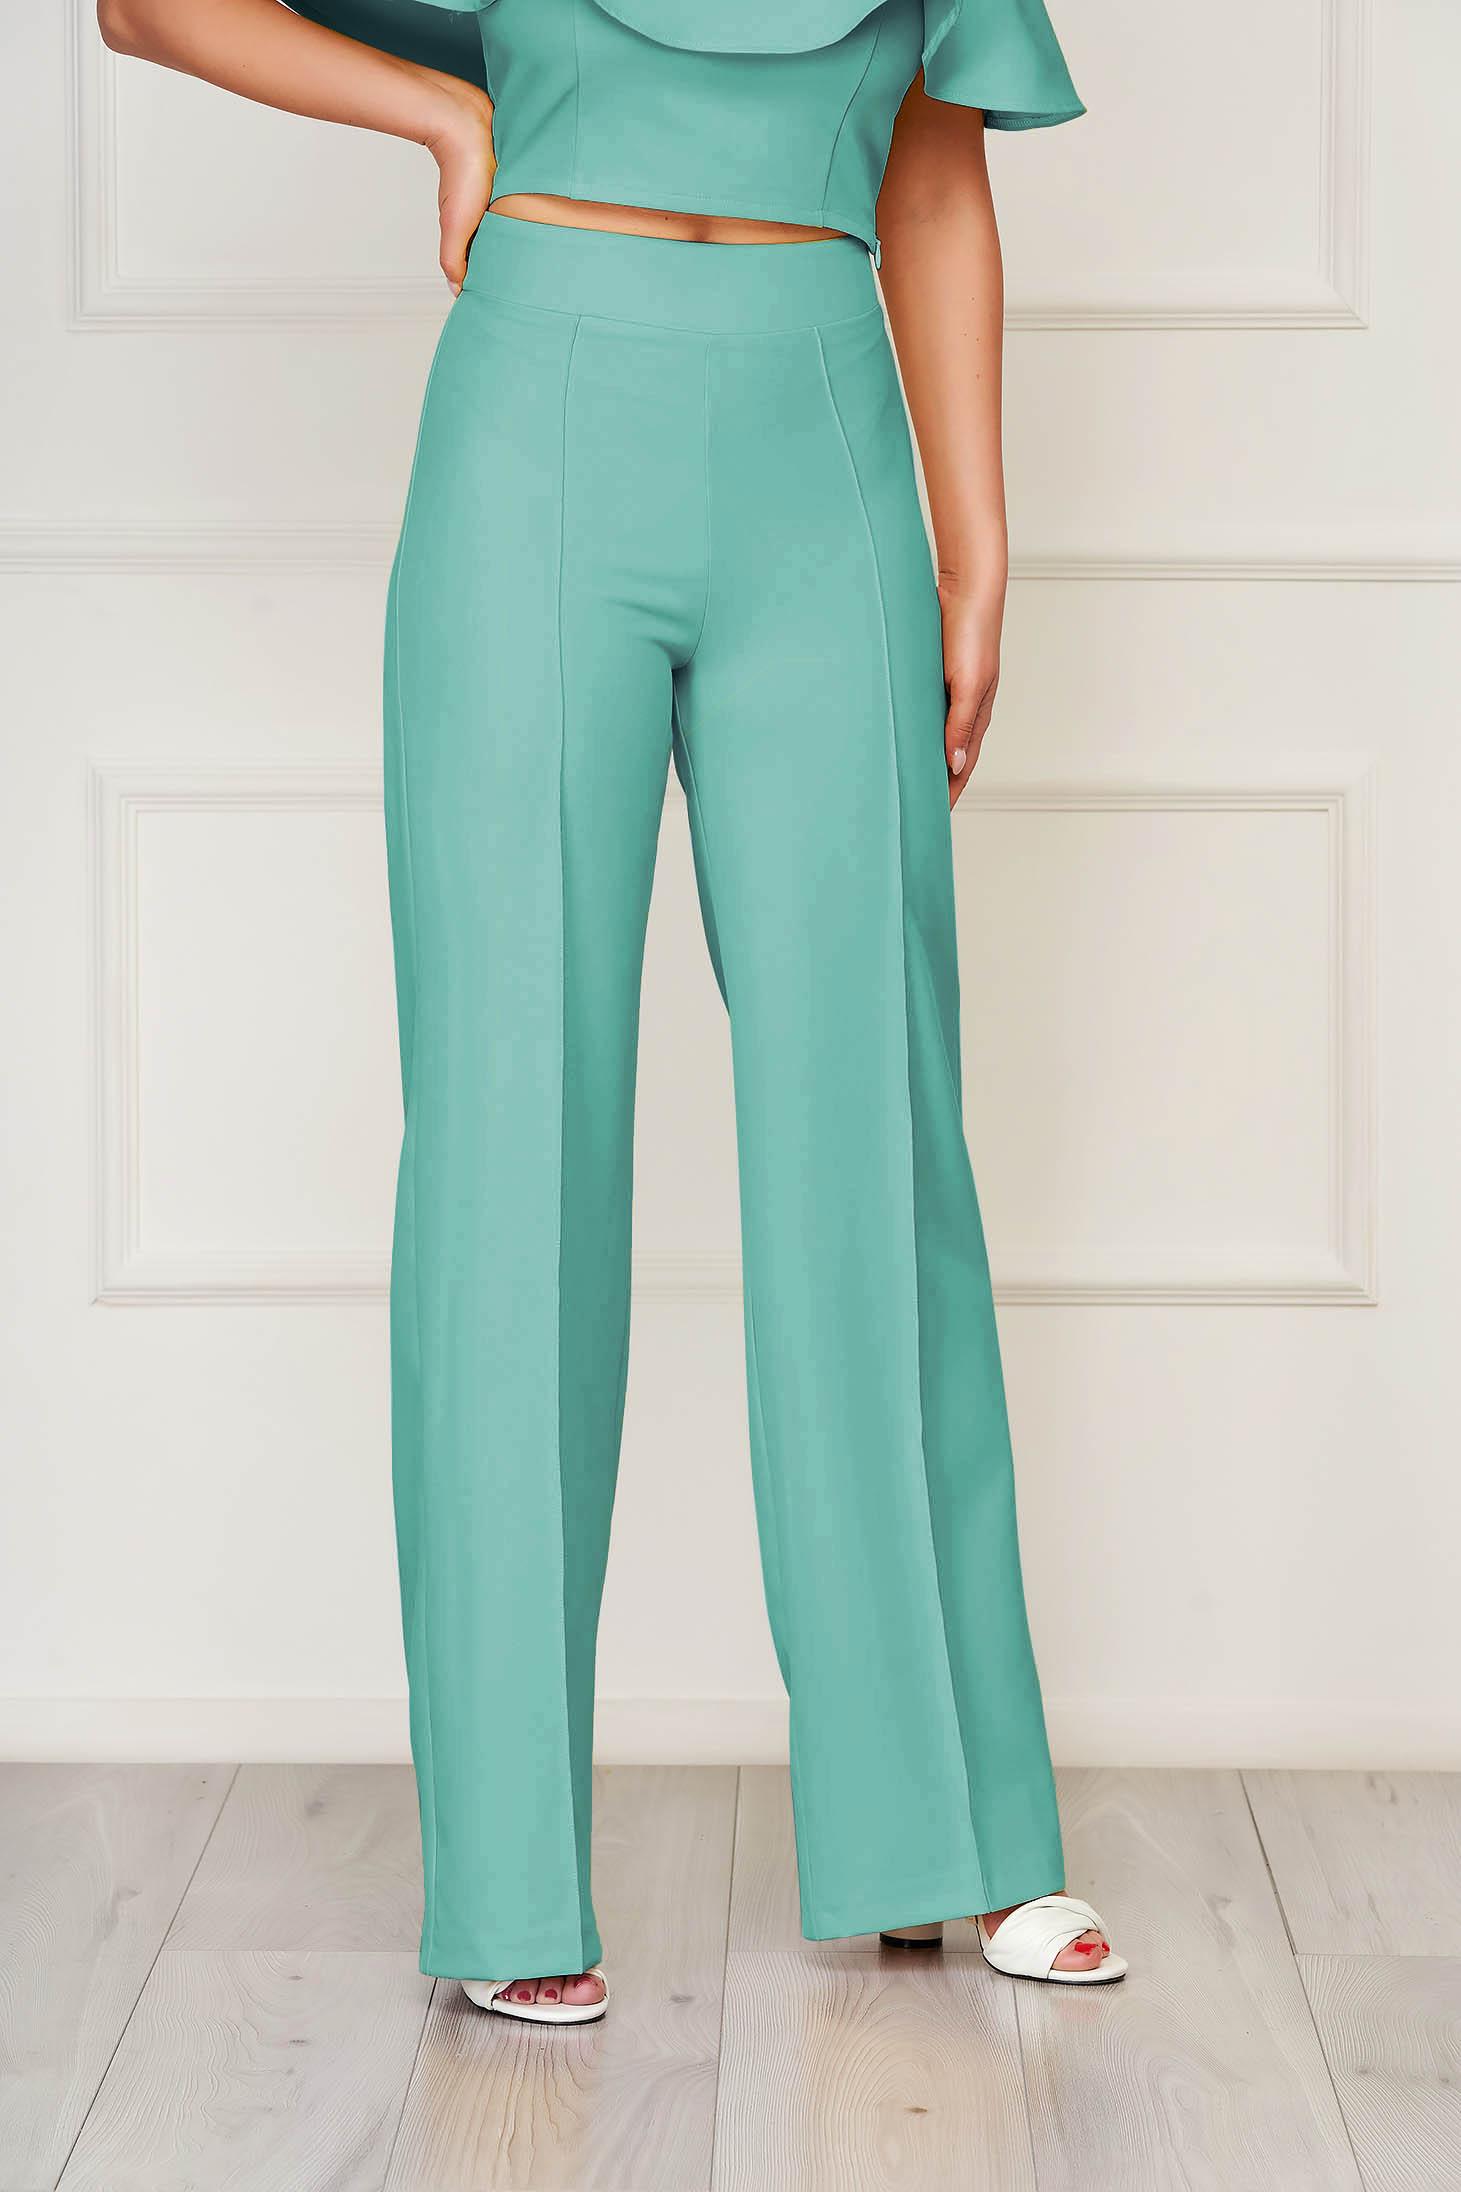 Zöld StarShinerS hosszú bővülő elegáns nadrág szövetből rugalmas anyagból